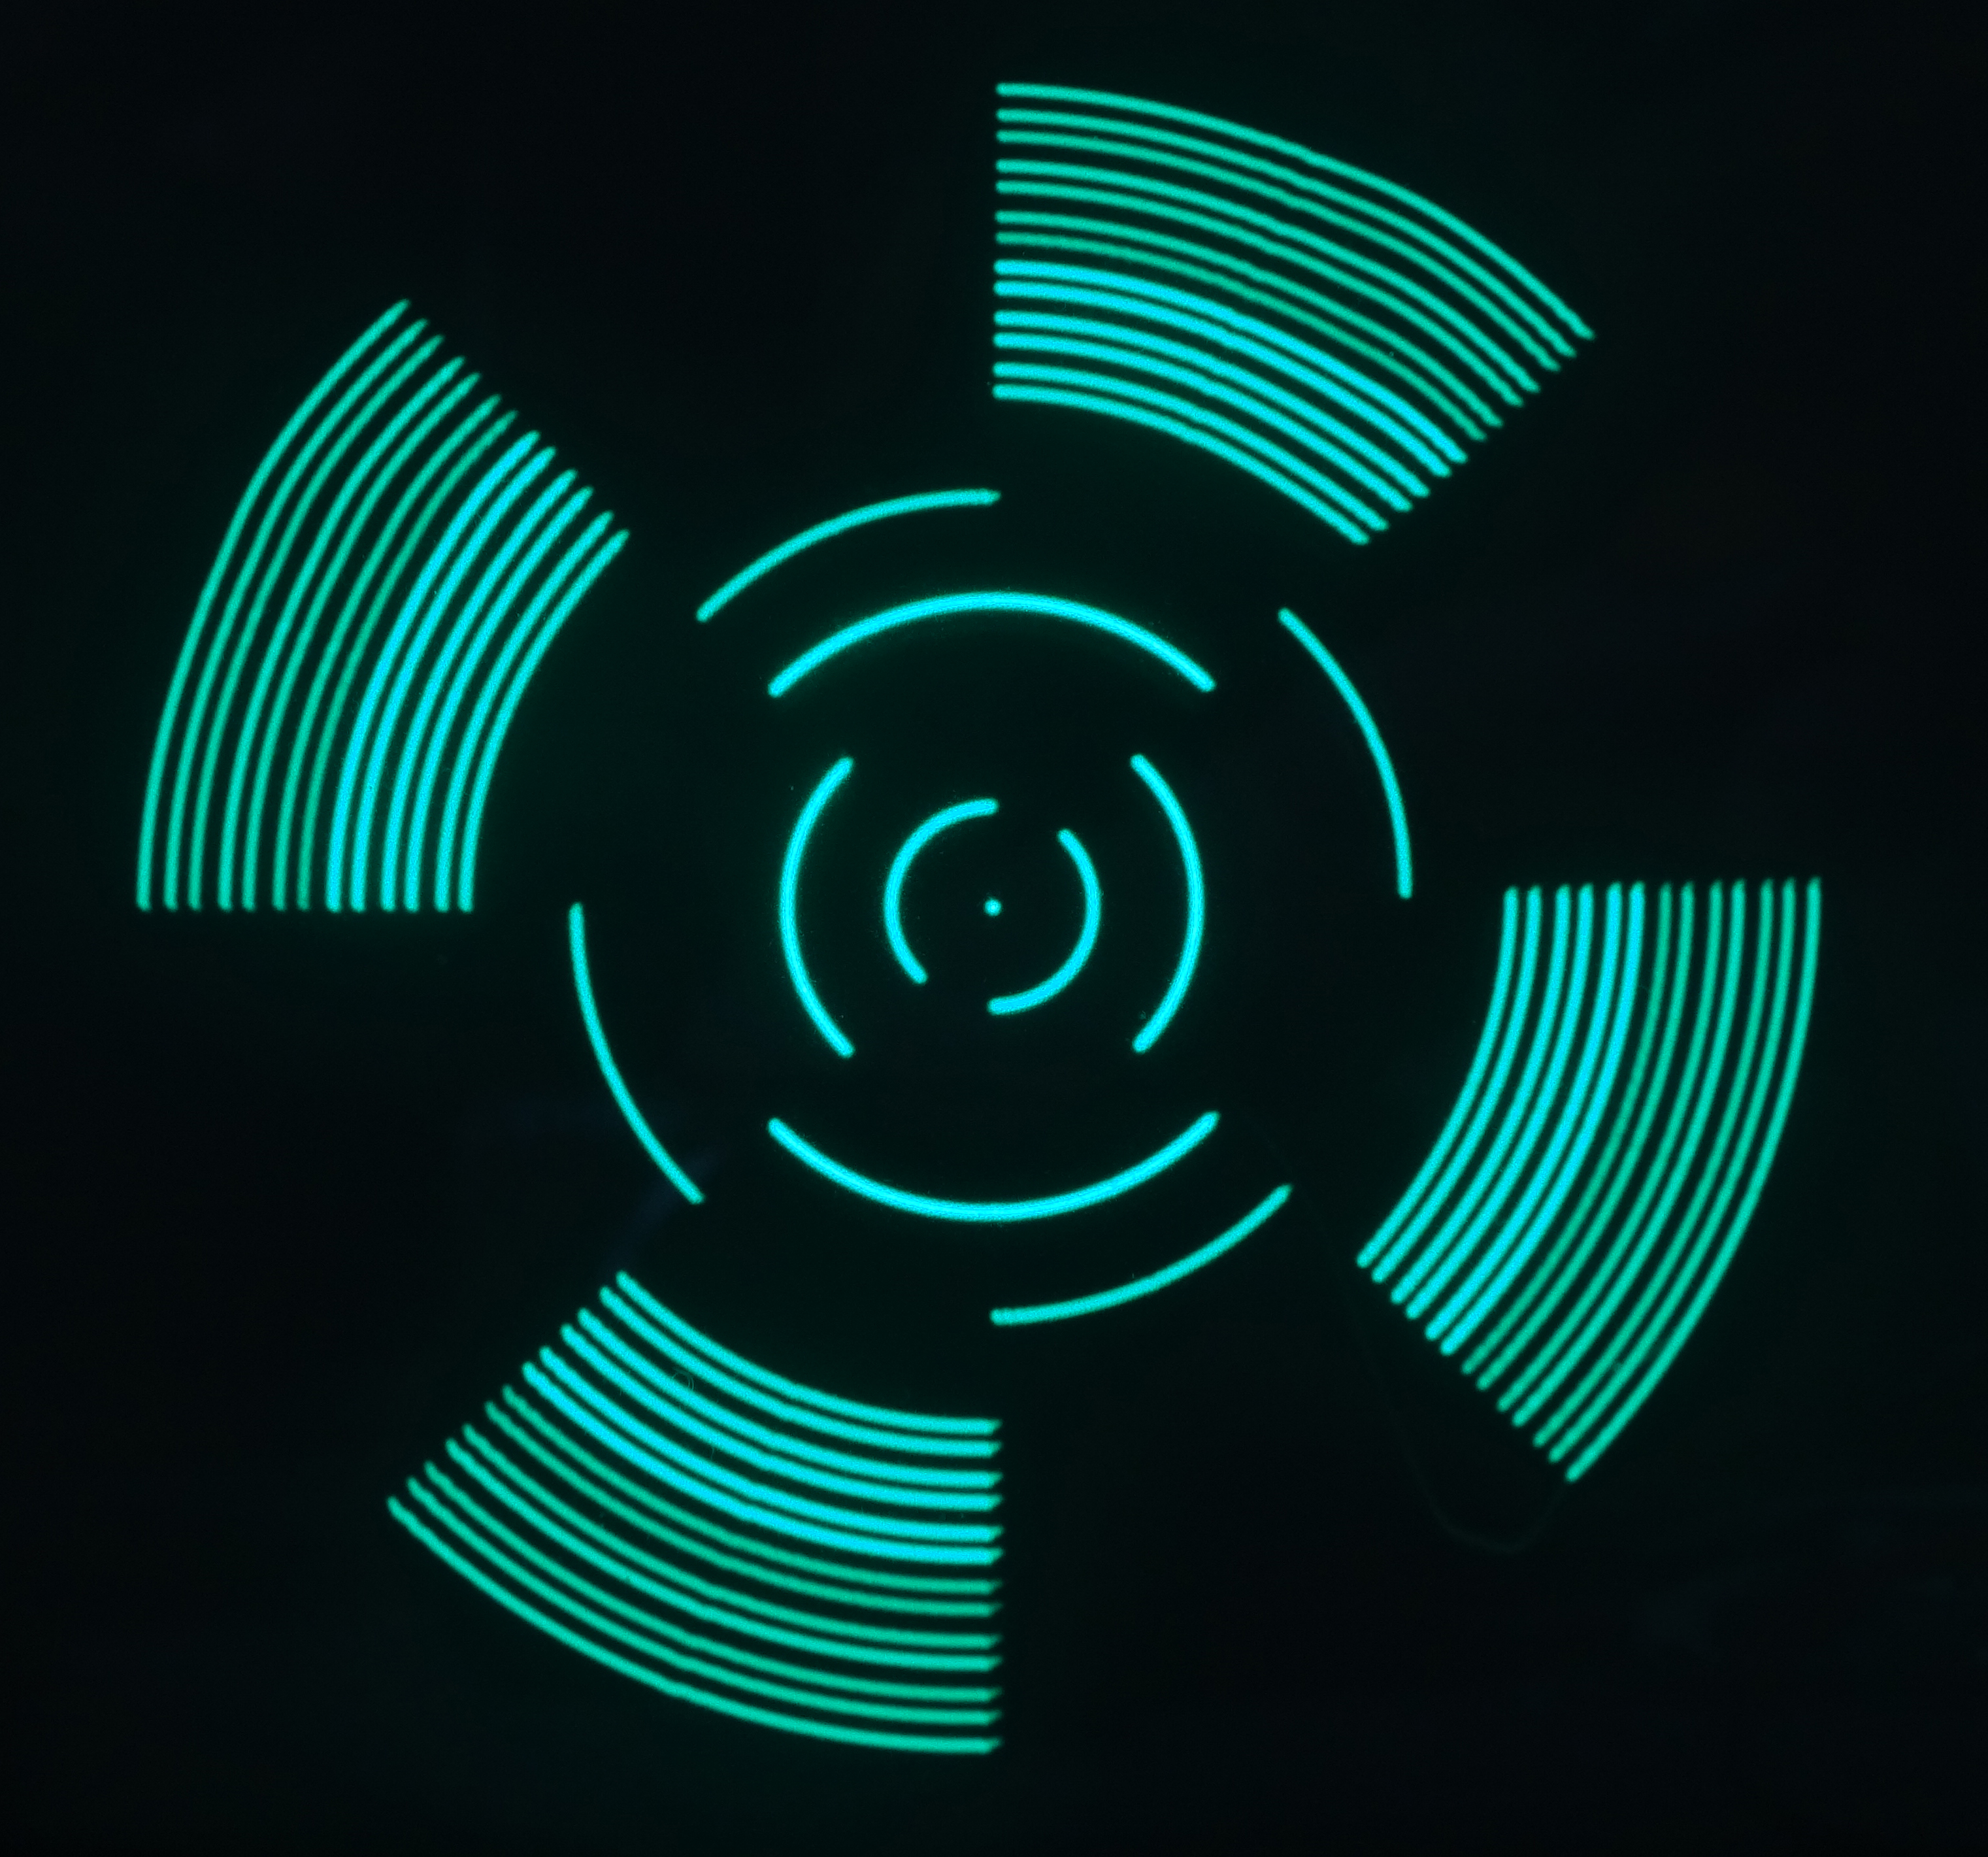 Circle Graphics – Lissajous figures | Oscilloclock.com